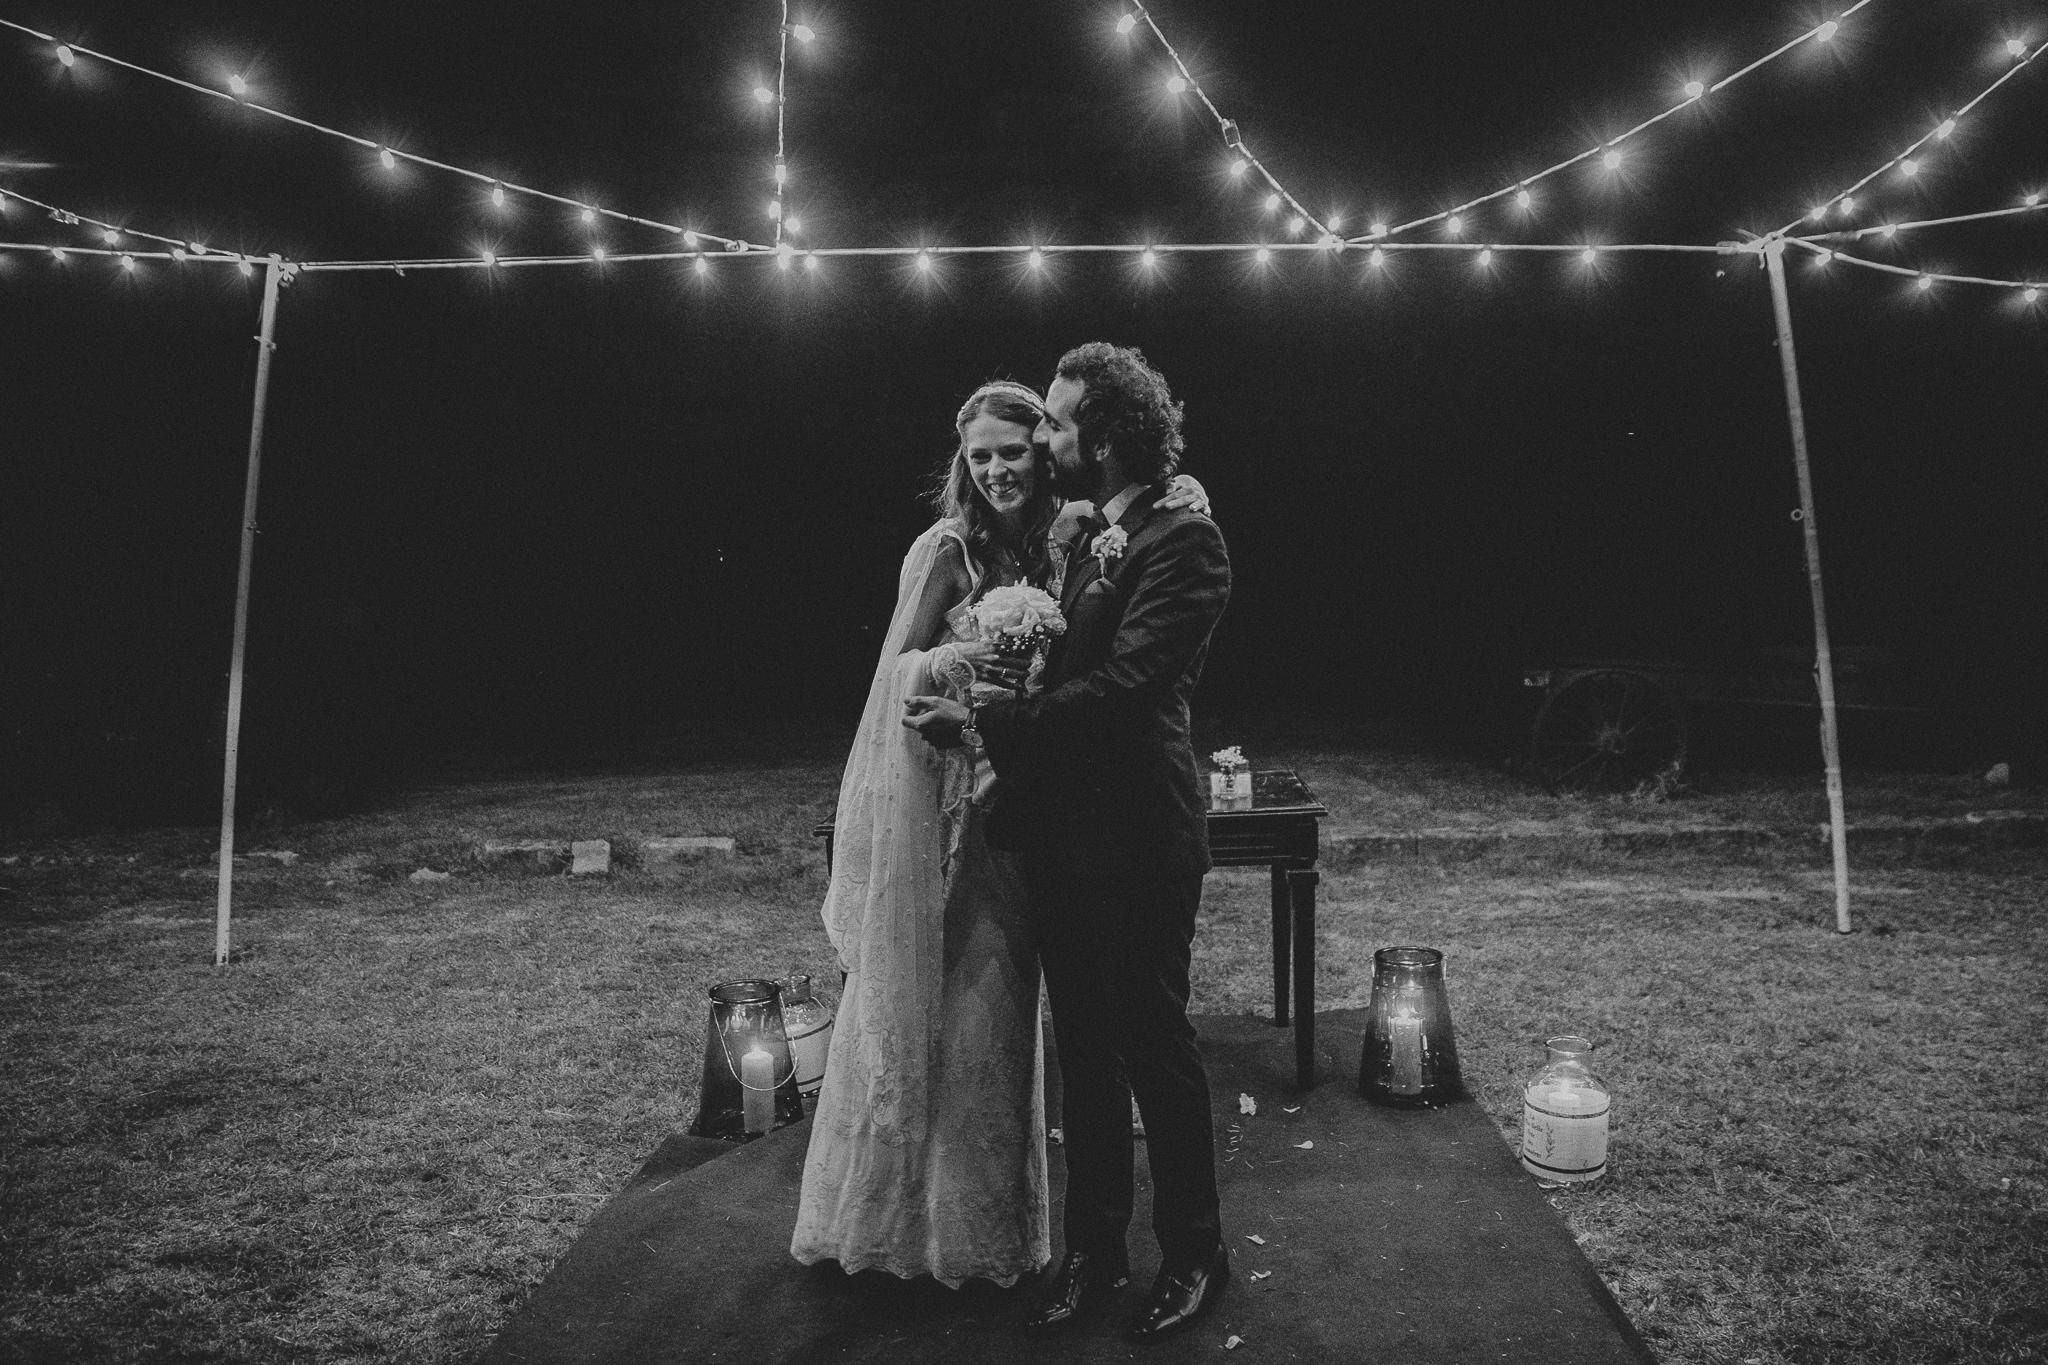 fotografía de casamientos